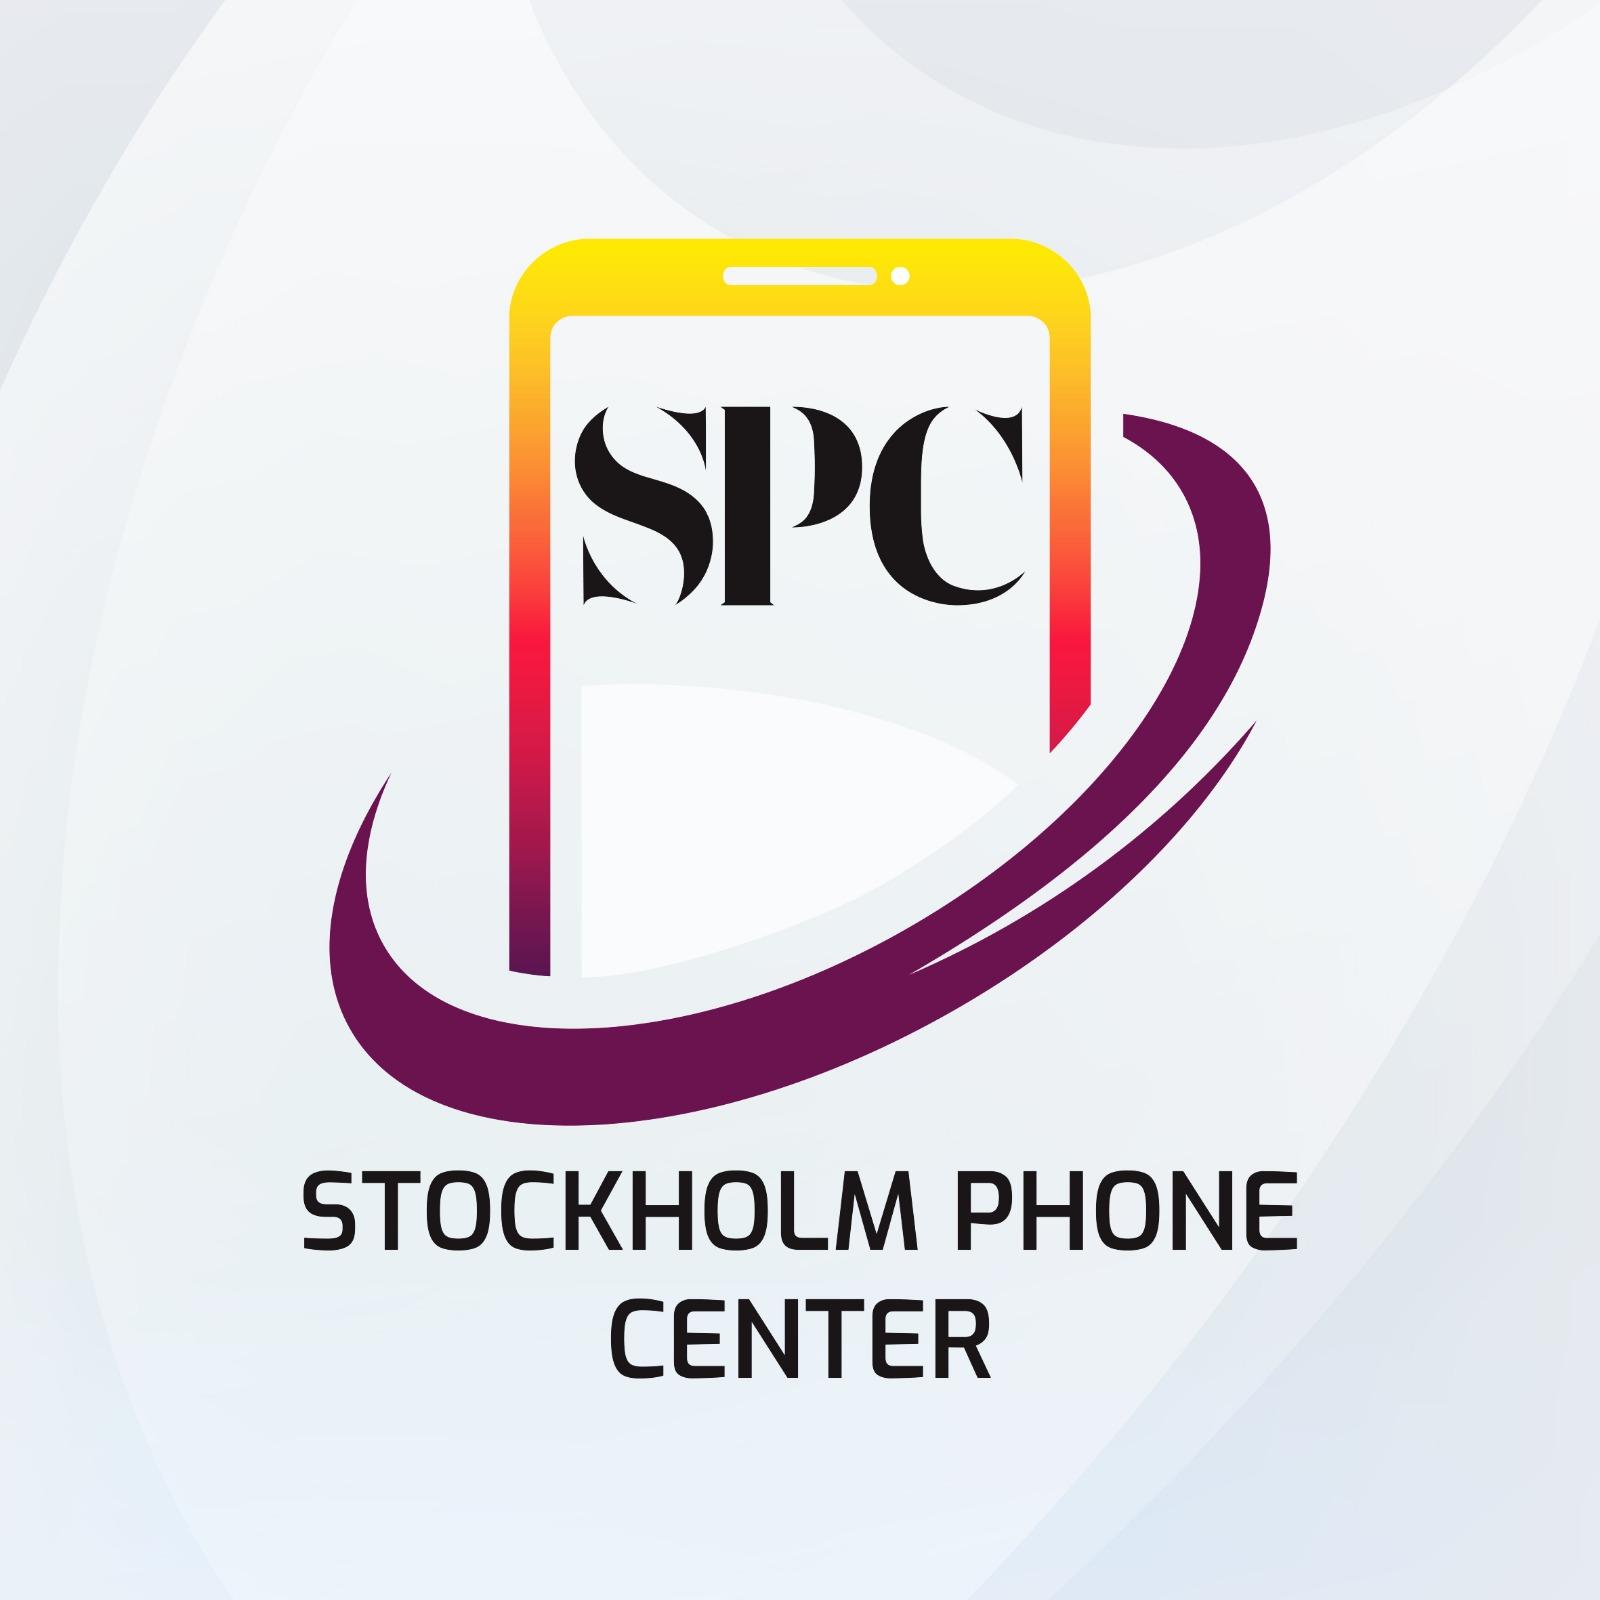 STOCKHOLM PHONECENTER